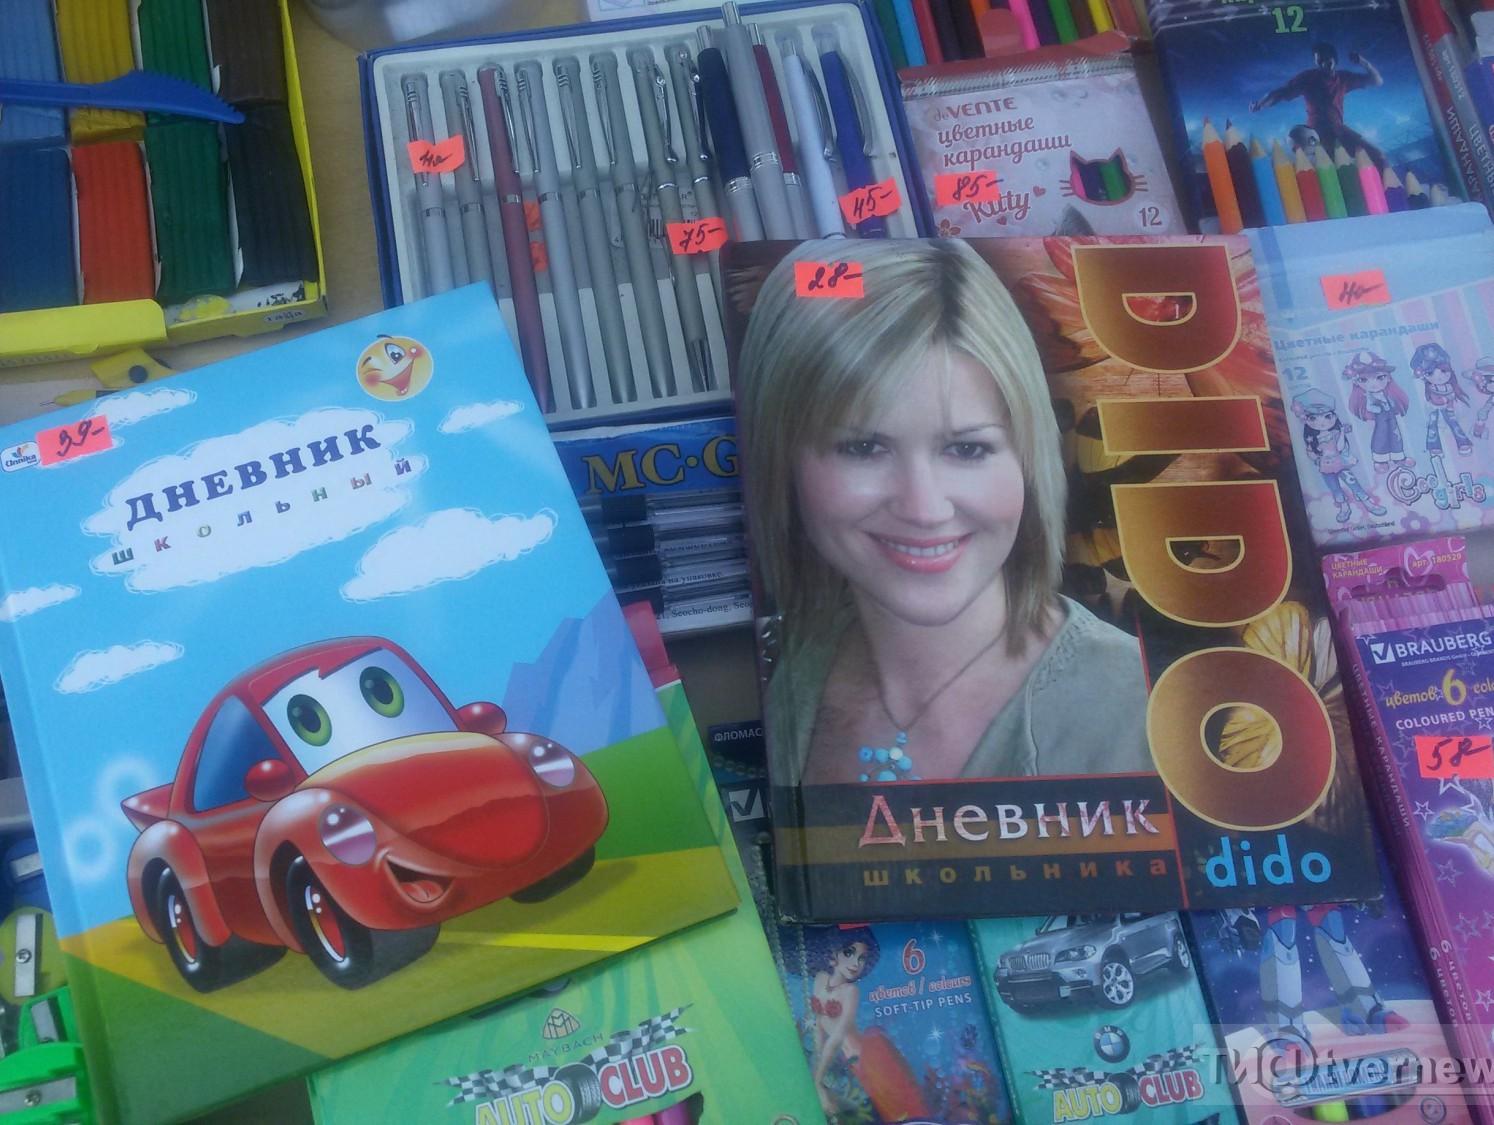 Современные дети читают книги? — издательство в астане.